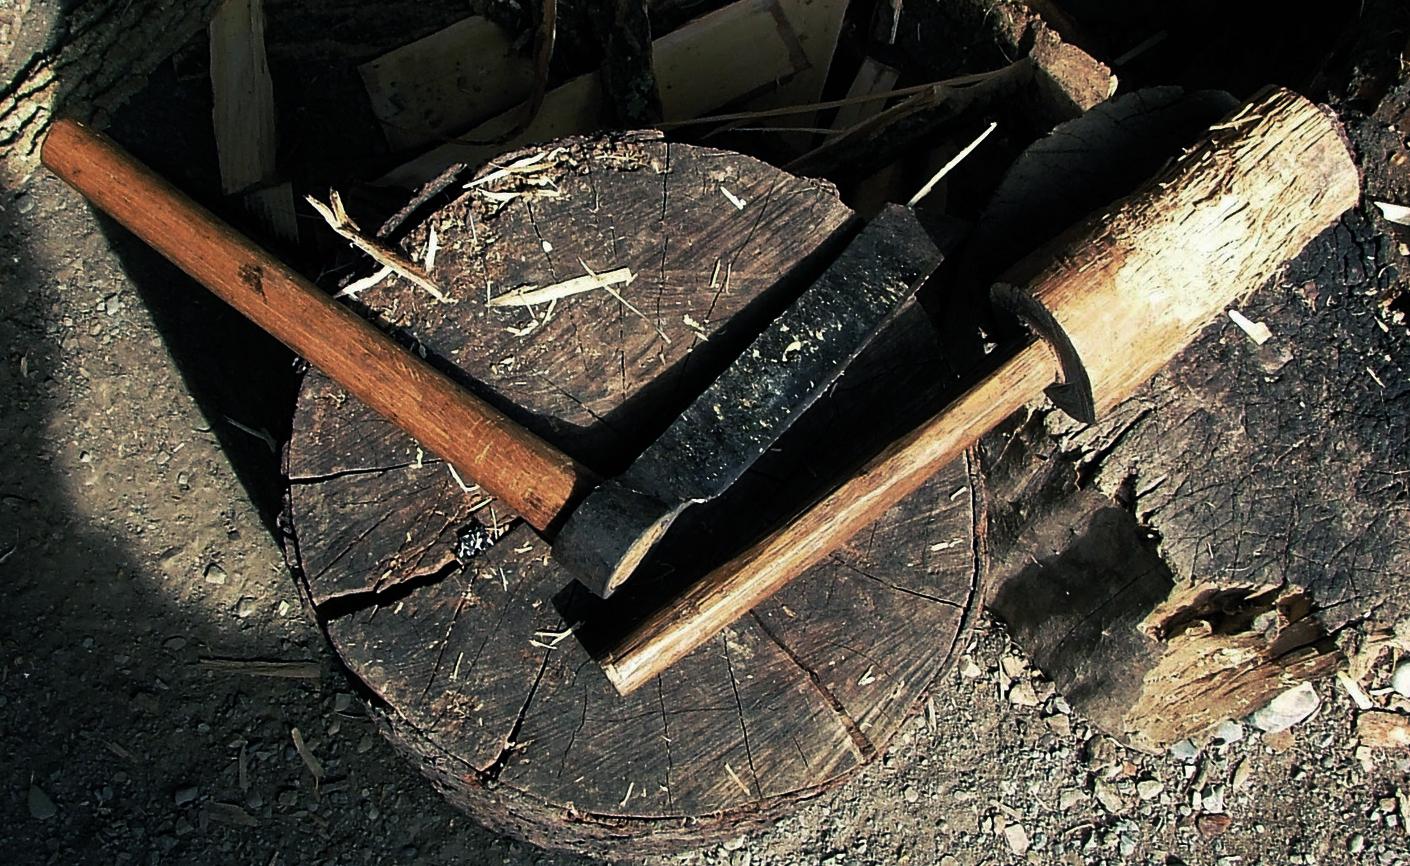 Splitting wood -Froe & mallet